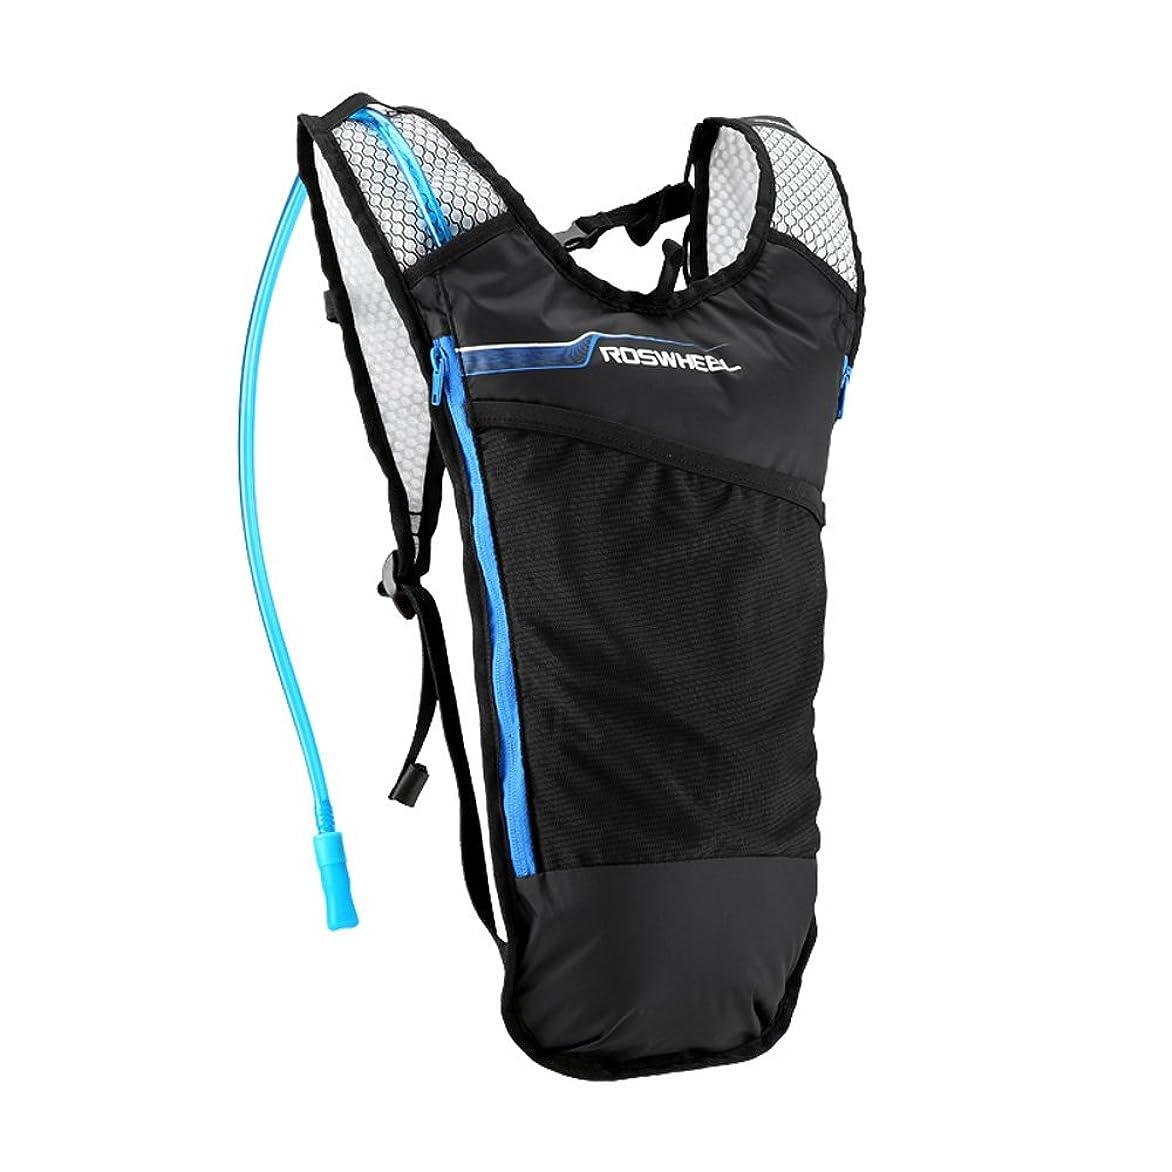 ズームあたり傷つけるRoloiki 超軽量アウトドア自転車サイクリング自転車乗馬ハイキングは水和ナップザック5Lバックパック+ 2Lの水膀胱バッグを実行します【並行輸入品】